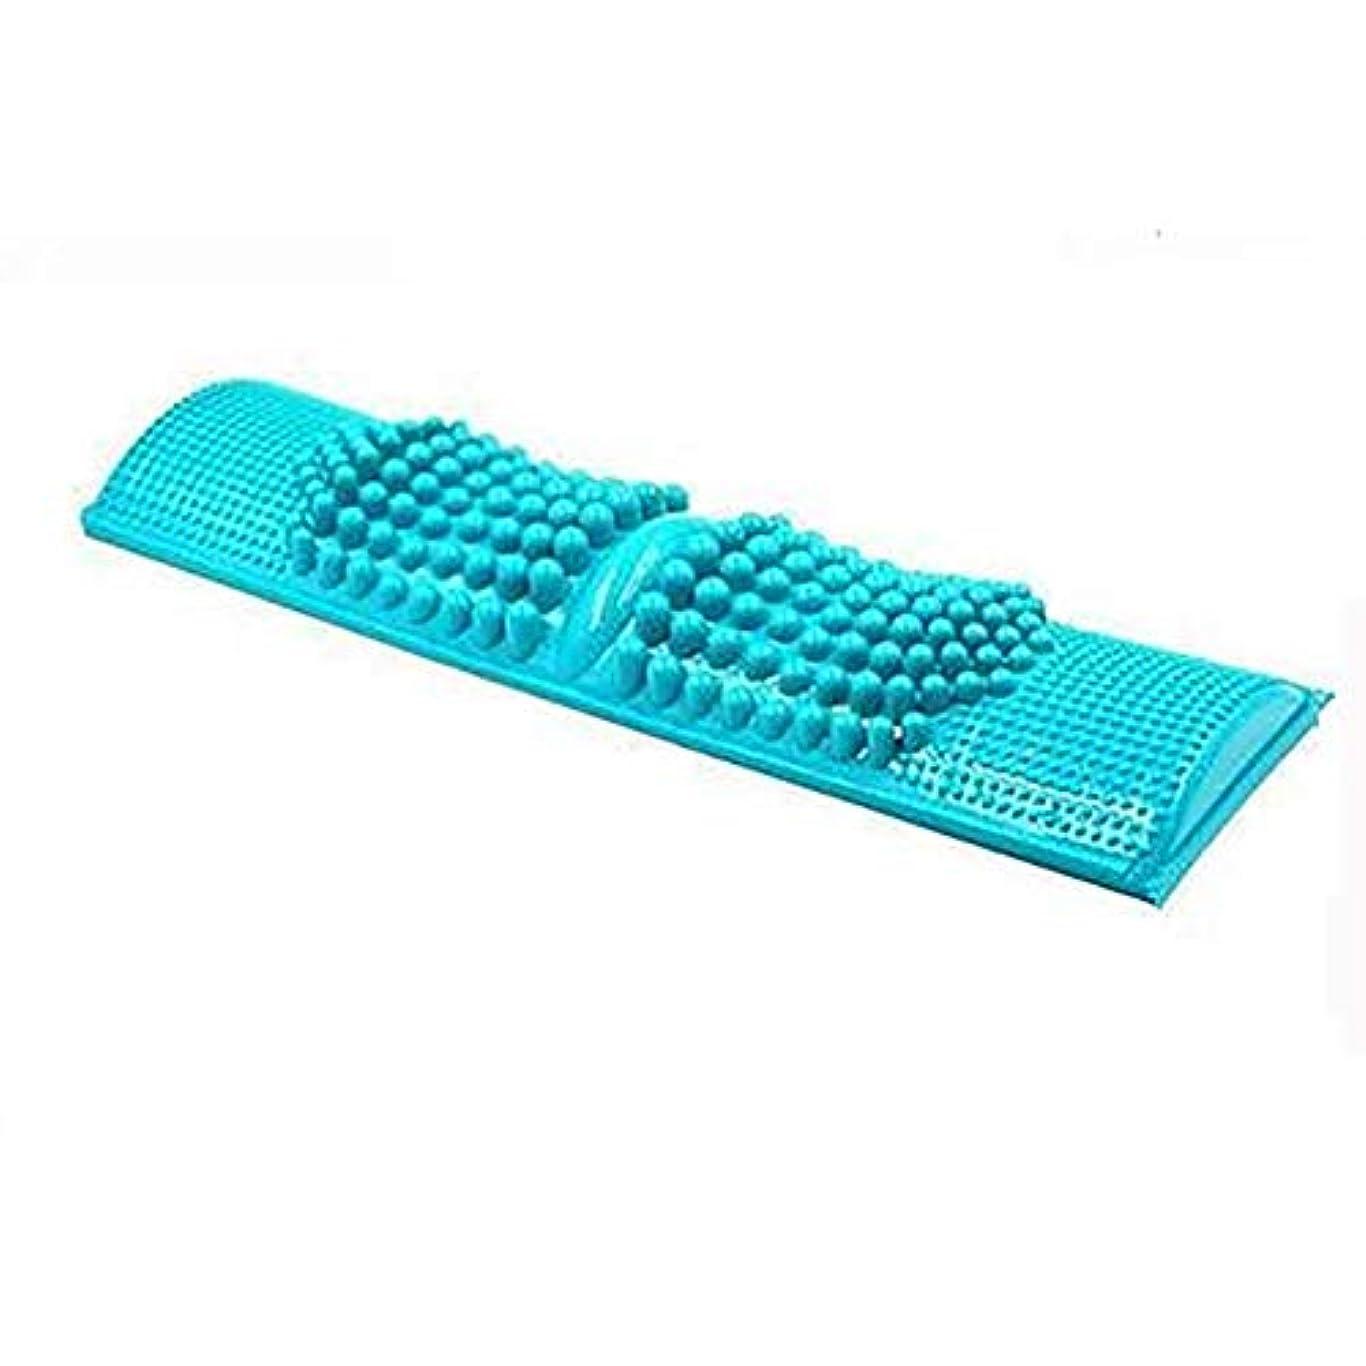 現像起きる滑り台ZXCP 簡単に健康維持 BIGサイズ 足つぼマッサージ 【足つぼ対応表付き】 足 踏み 足裏 刺激 血行促進 (ブルー)